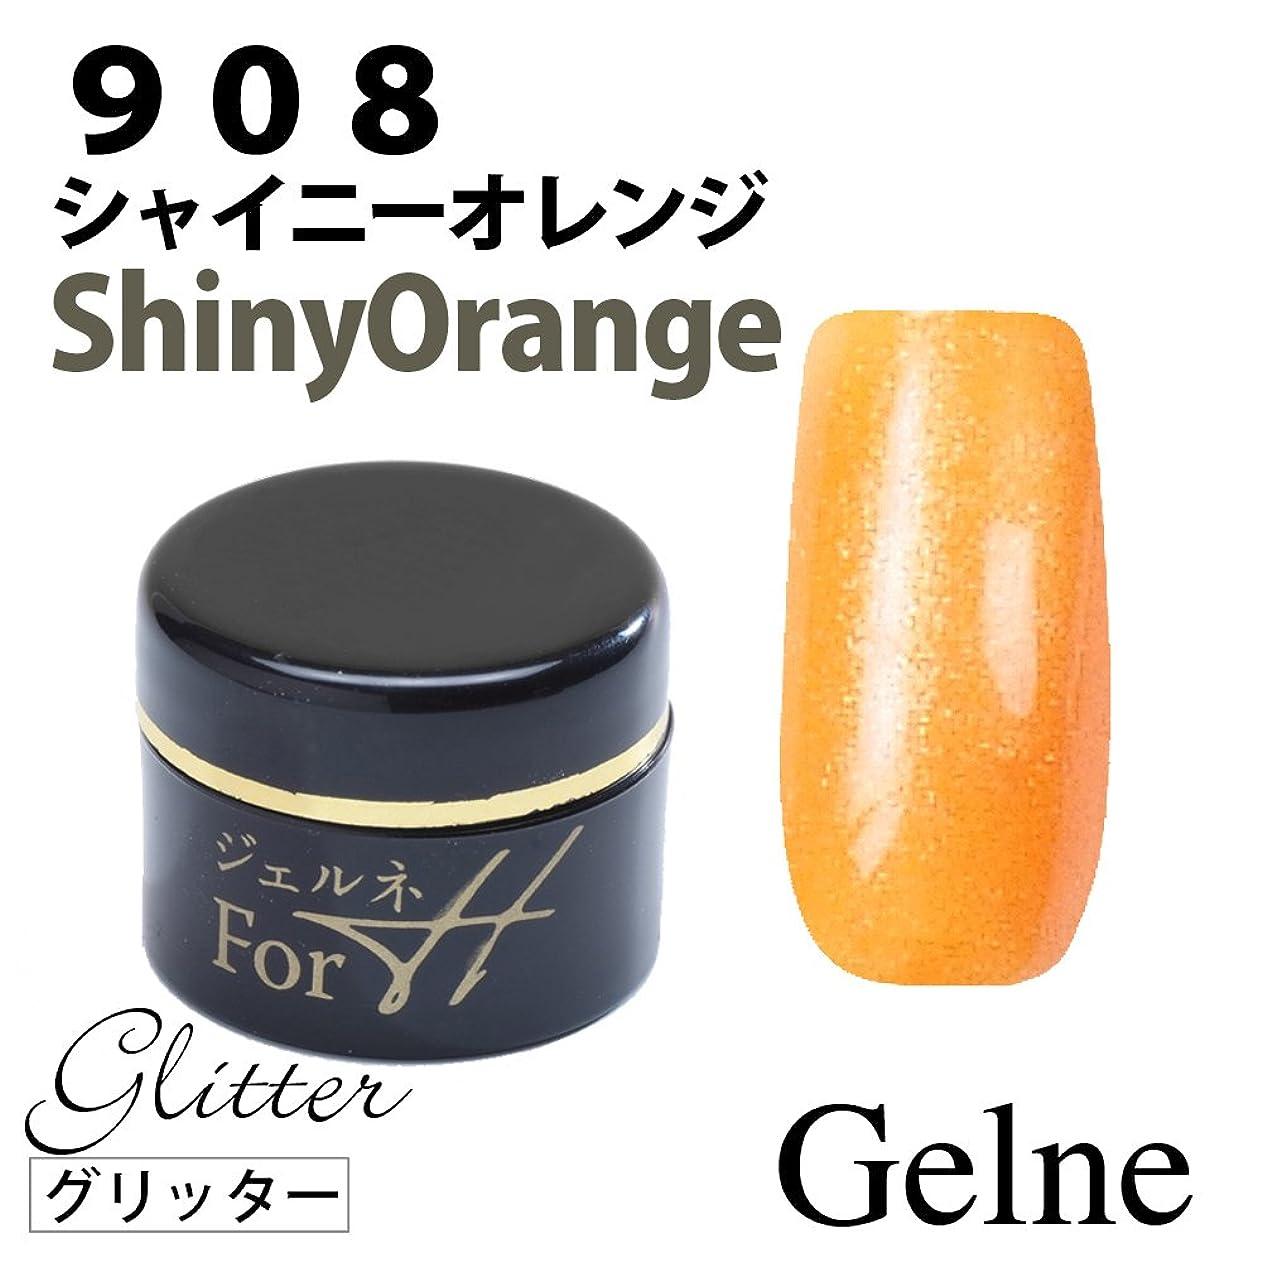 賞いろいろ造船Gelneオリジナル シャイニーオレンジ カラージェル 5g LED/UV対応 ソークオフジェル